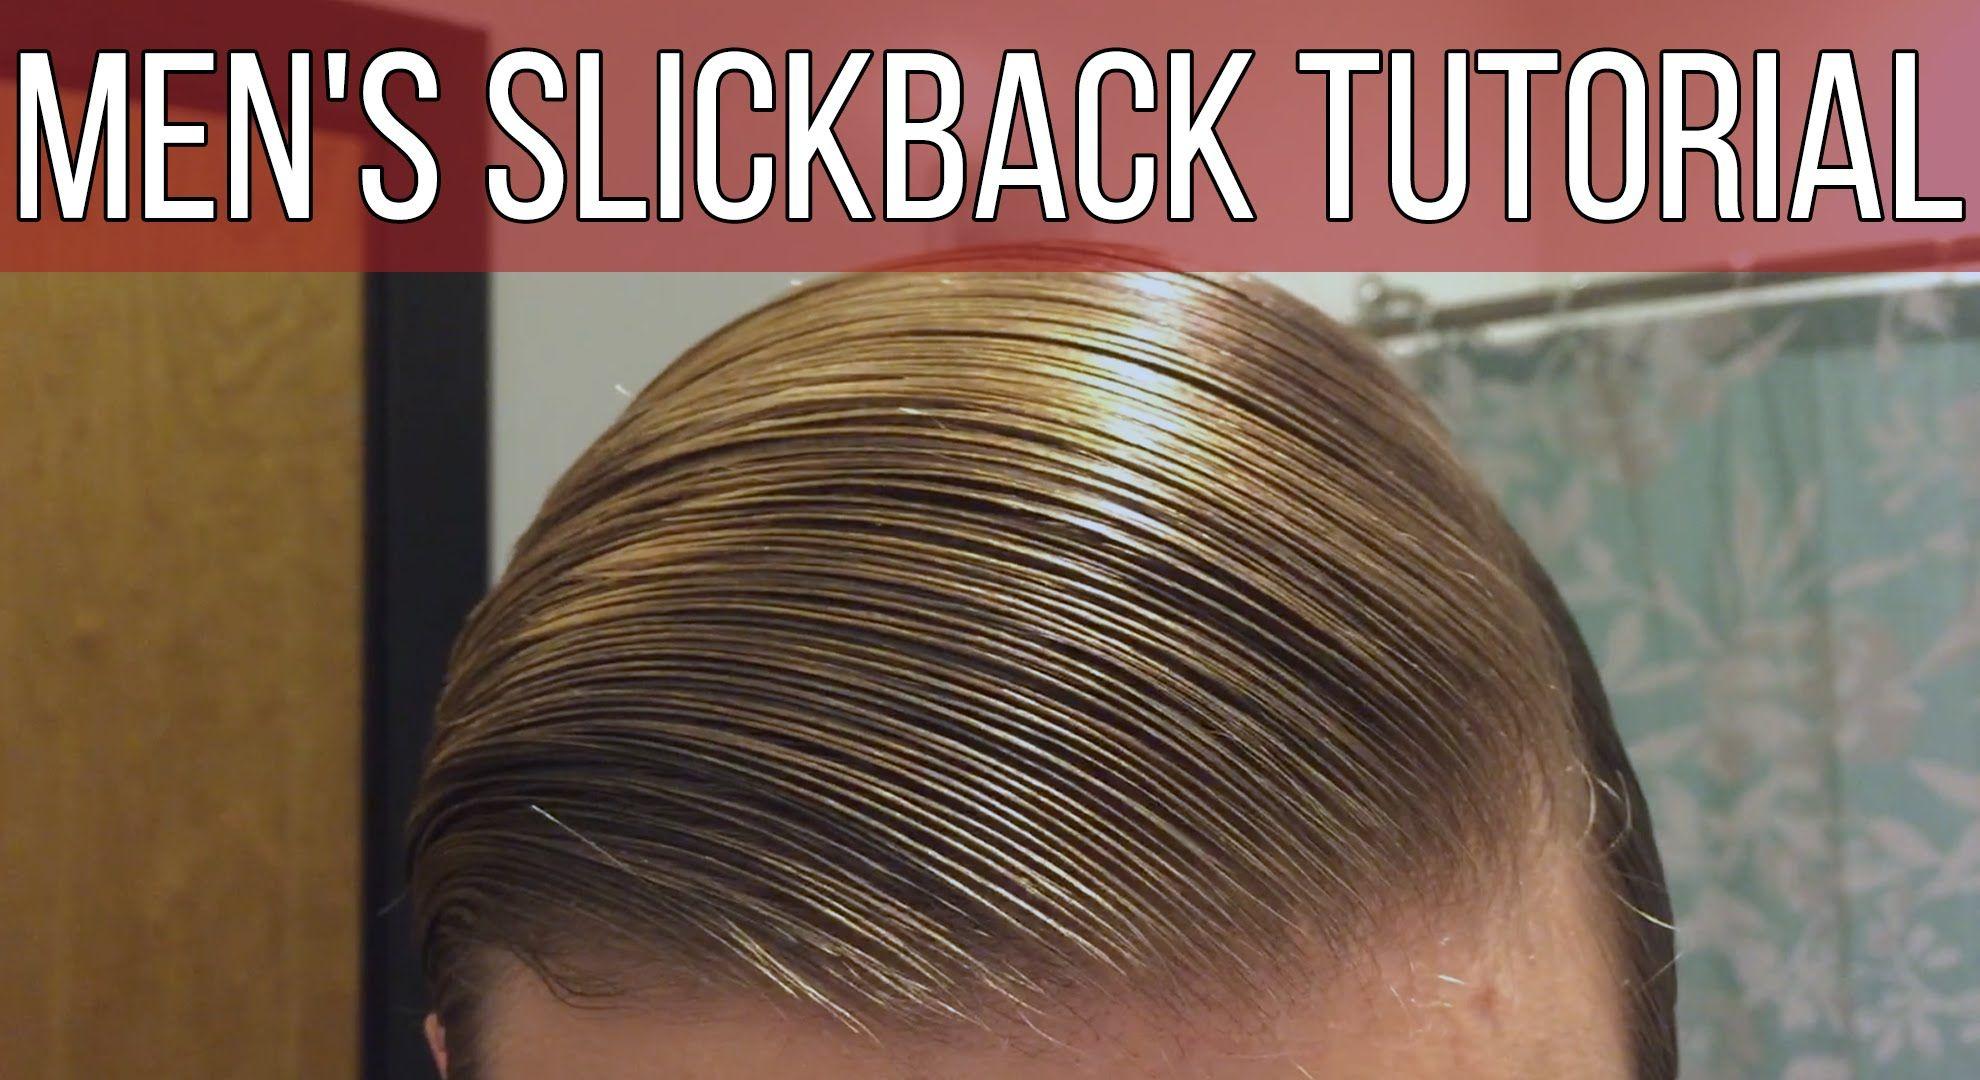 VIDEO So easy! Men's Slickback Tutorial/Suavecito Pomade